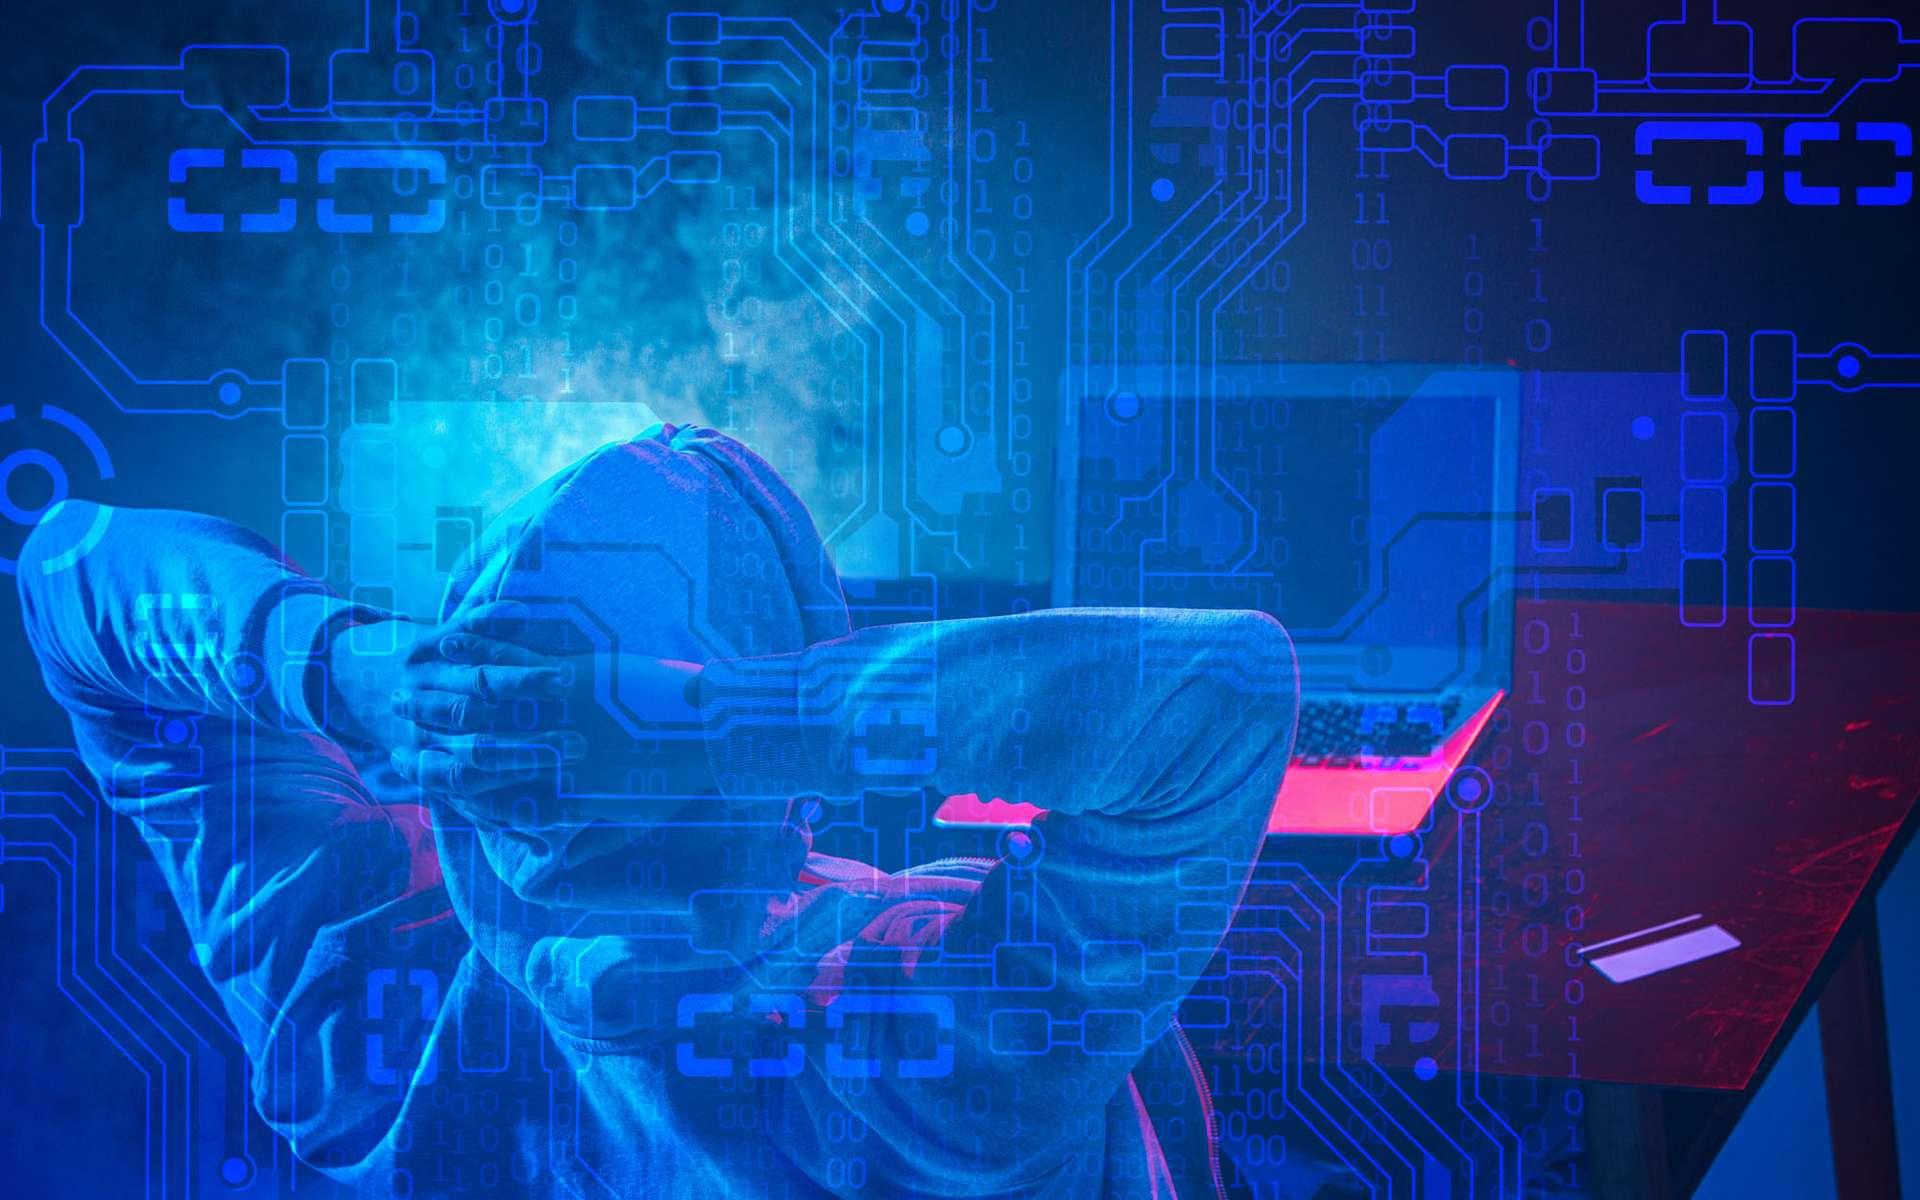 Grâce à un réseau de partenaires dans 35 pays, Microsoft est parvenu à démanteler le botnet Necurs. © master1305, Adobe Stock